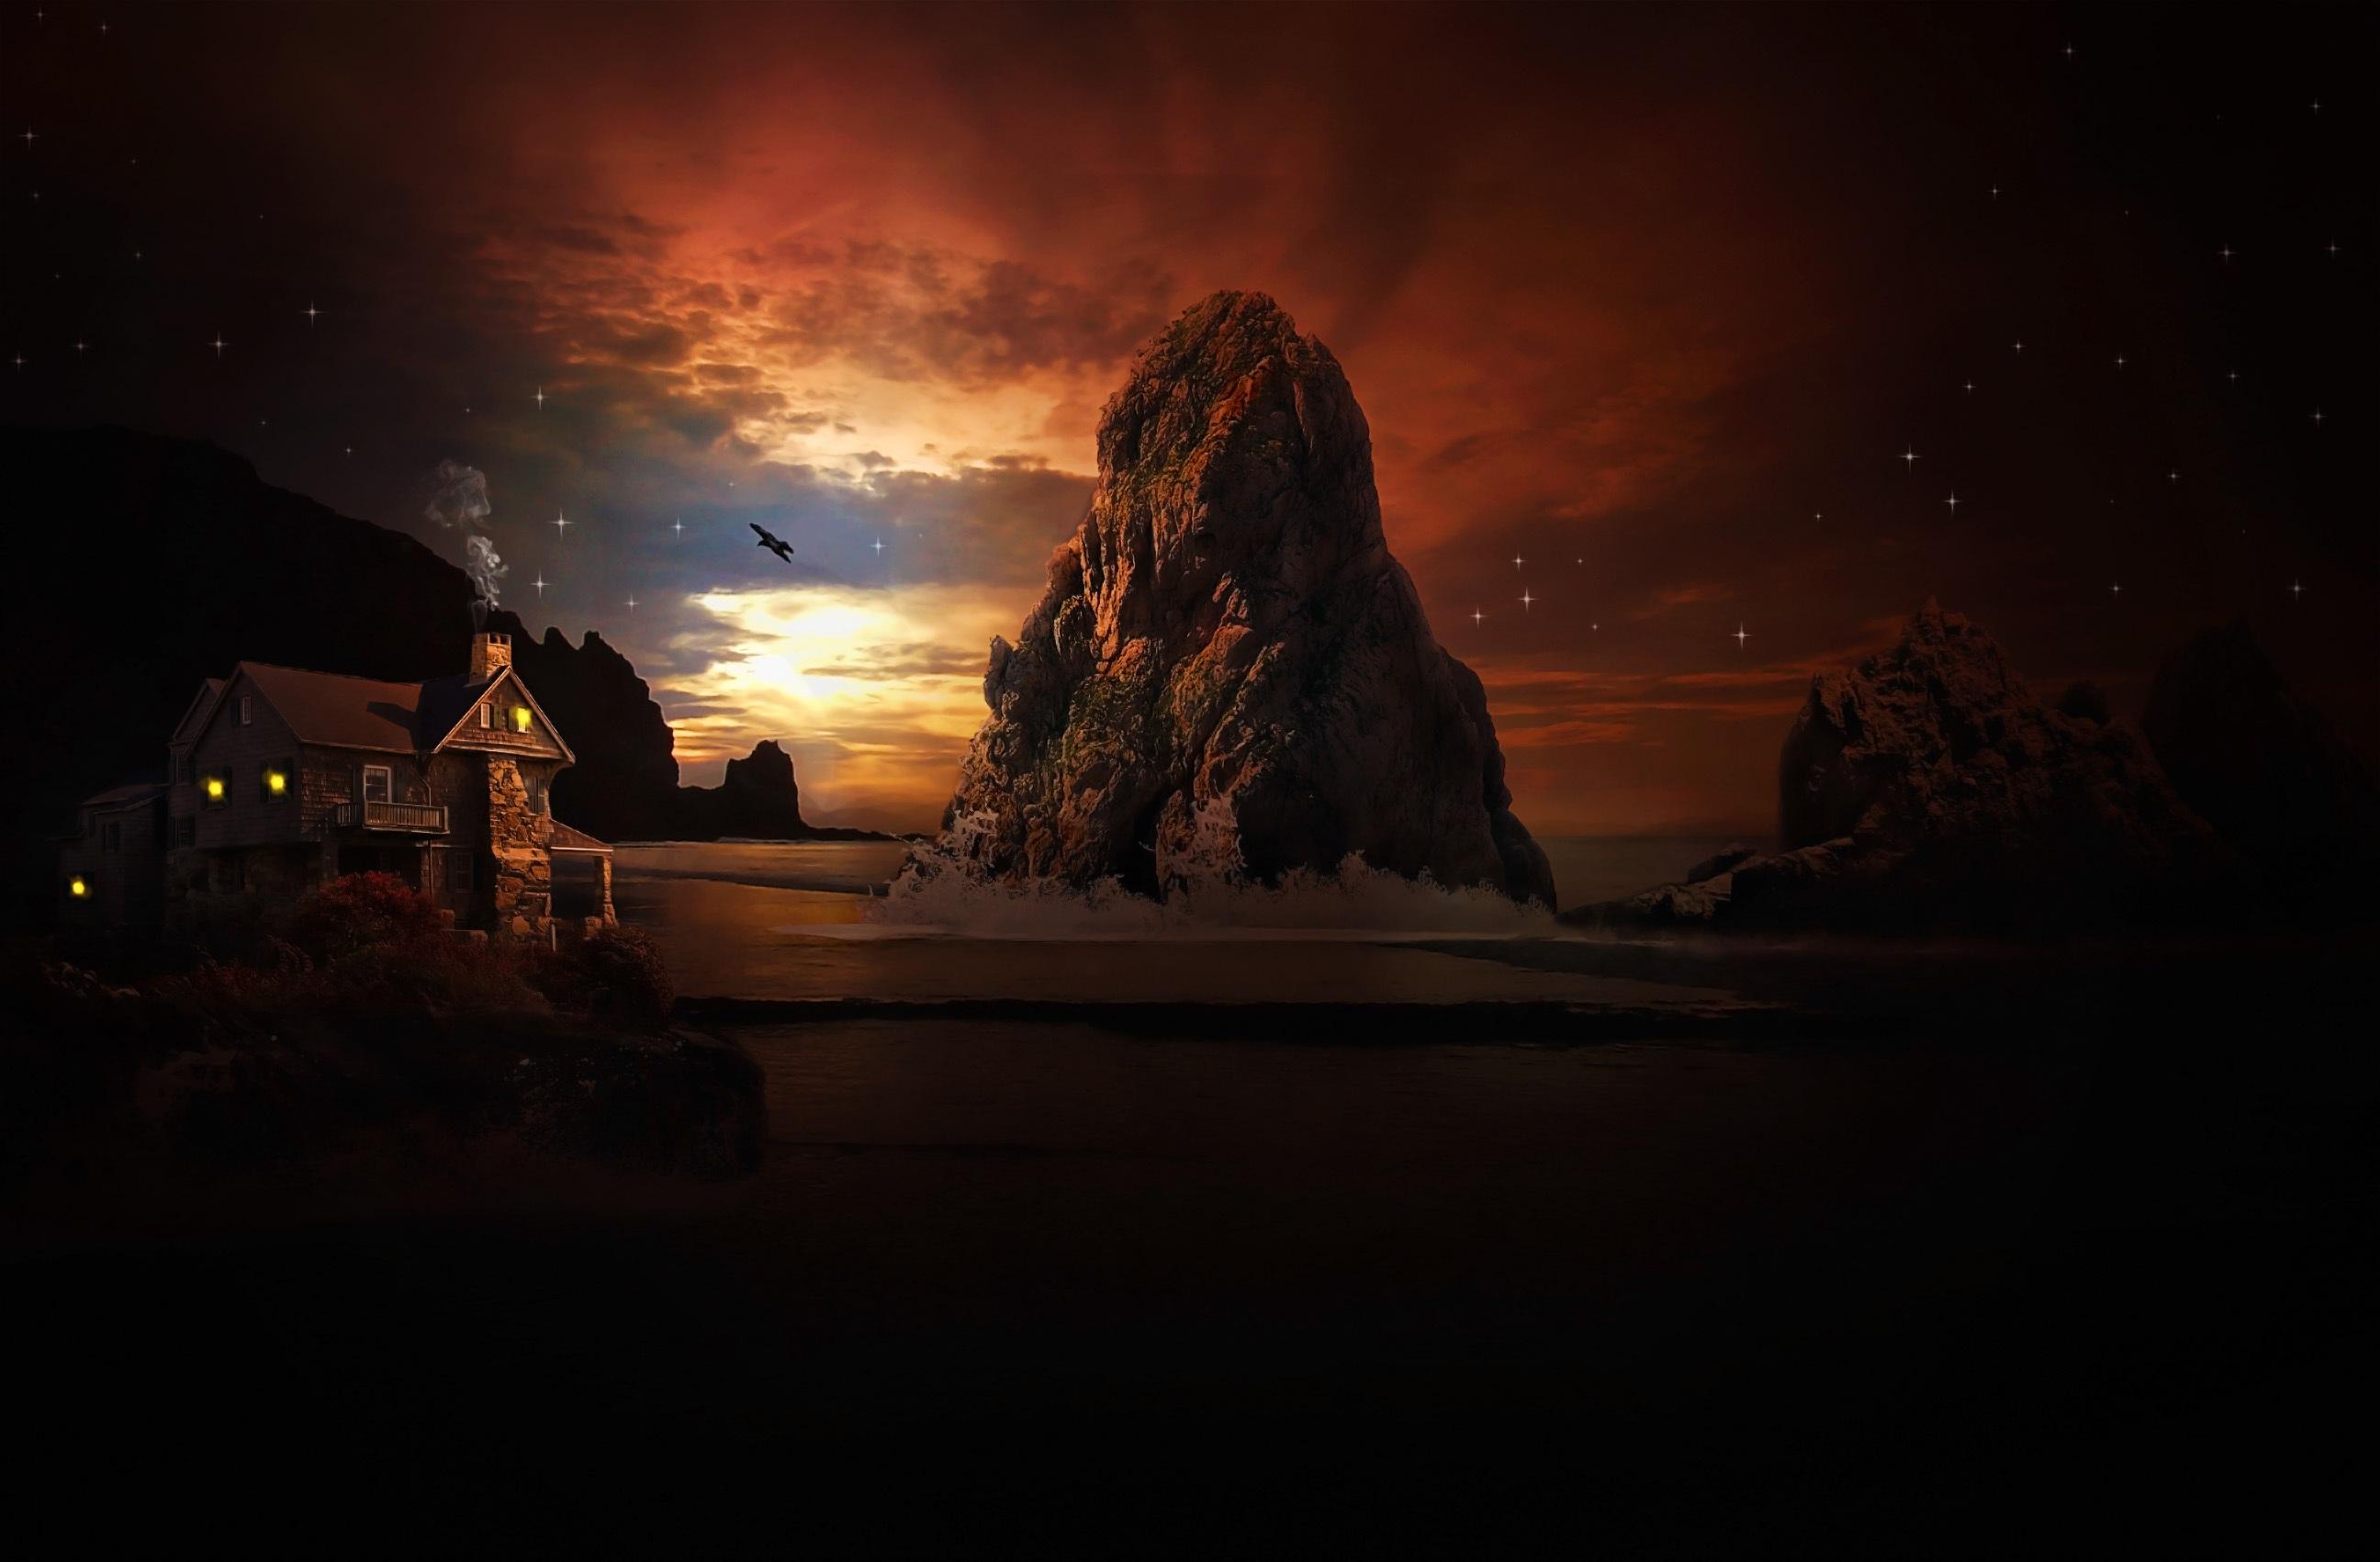 Fotoğraf Peyzaj Deniz Su Kaya ışık Gökyüzü Gün Batımı Gece